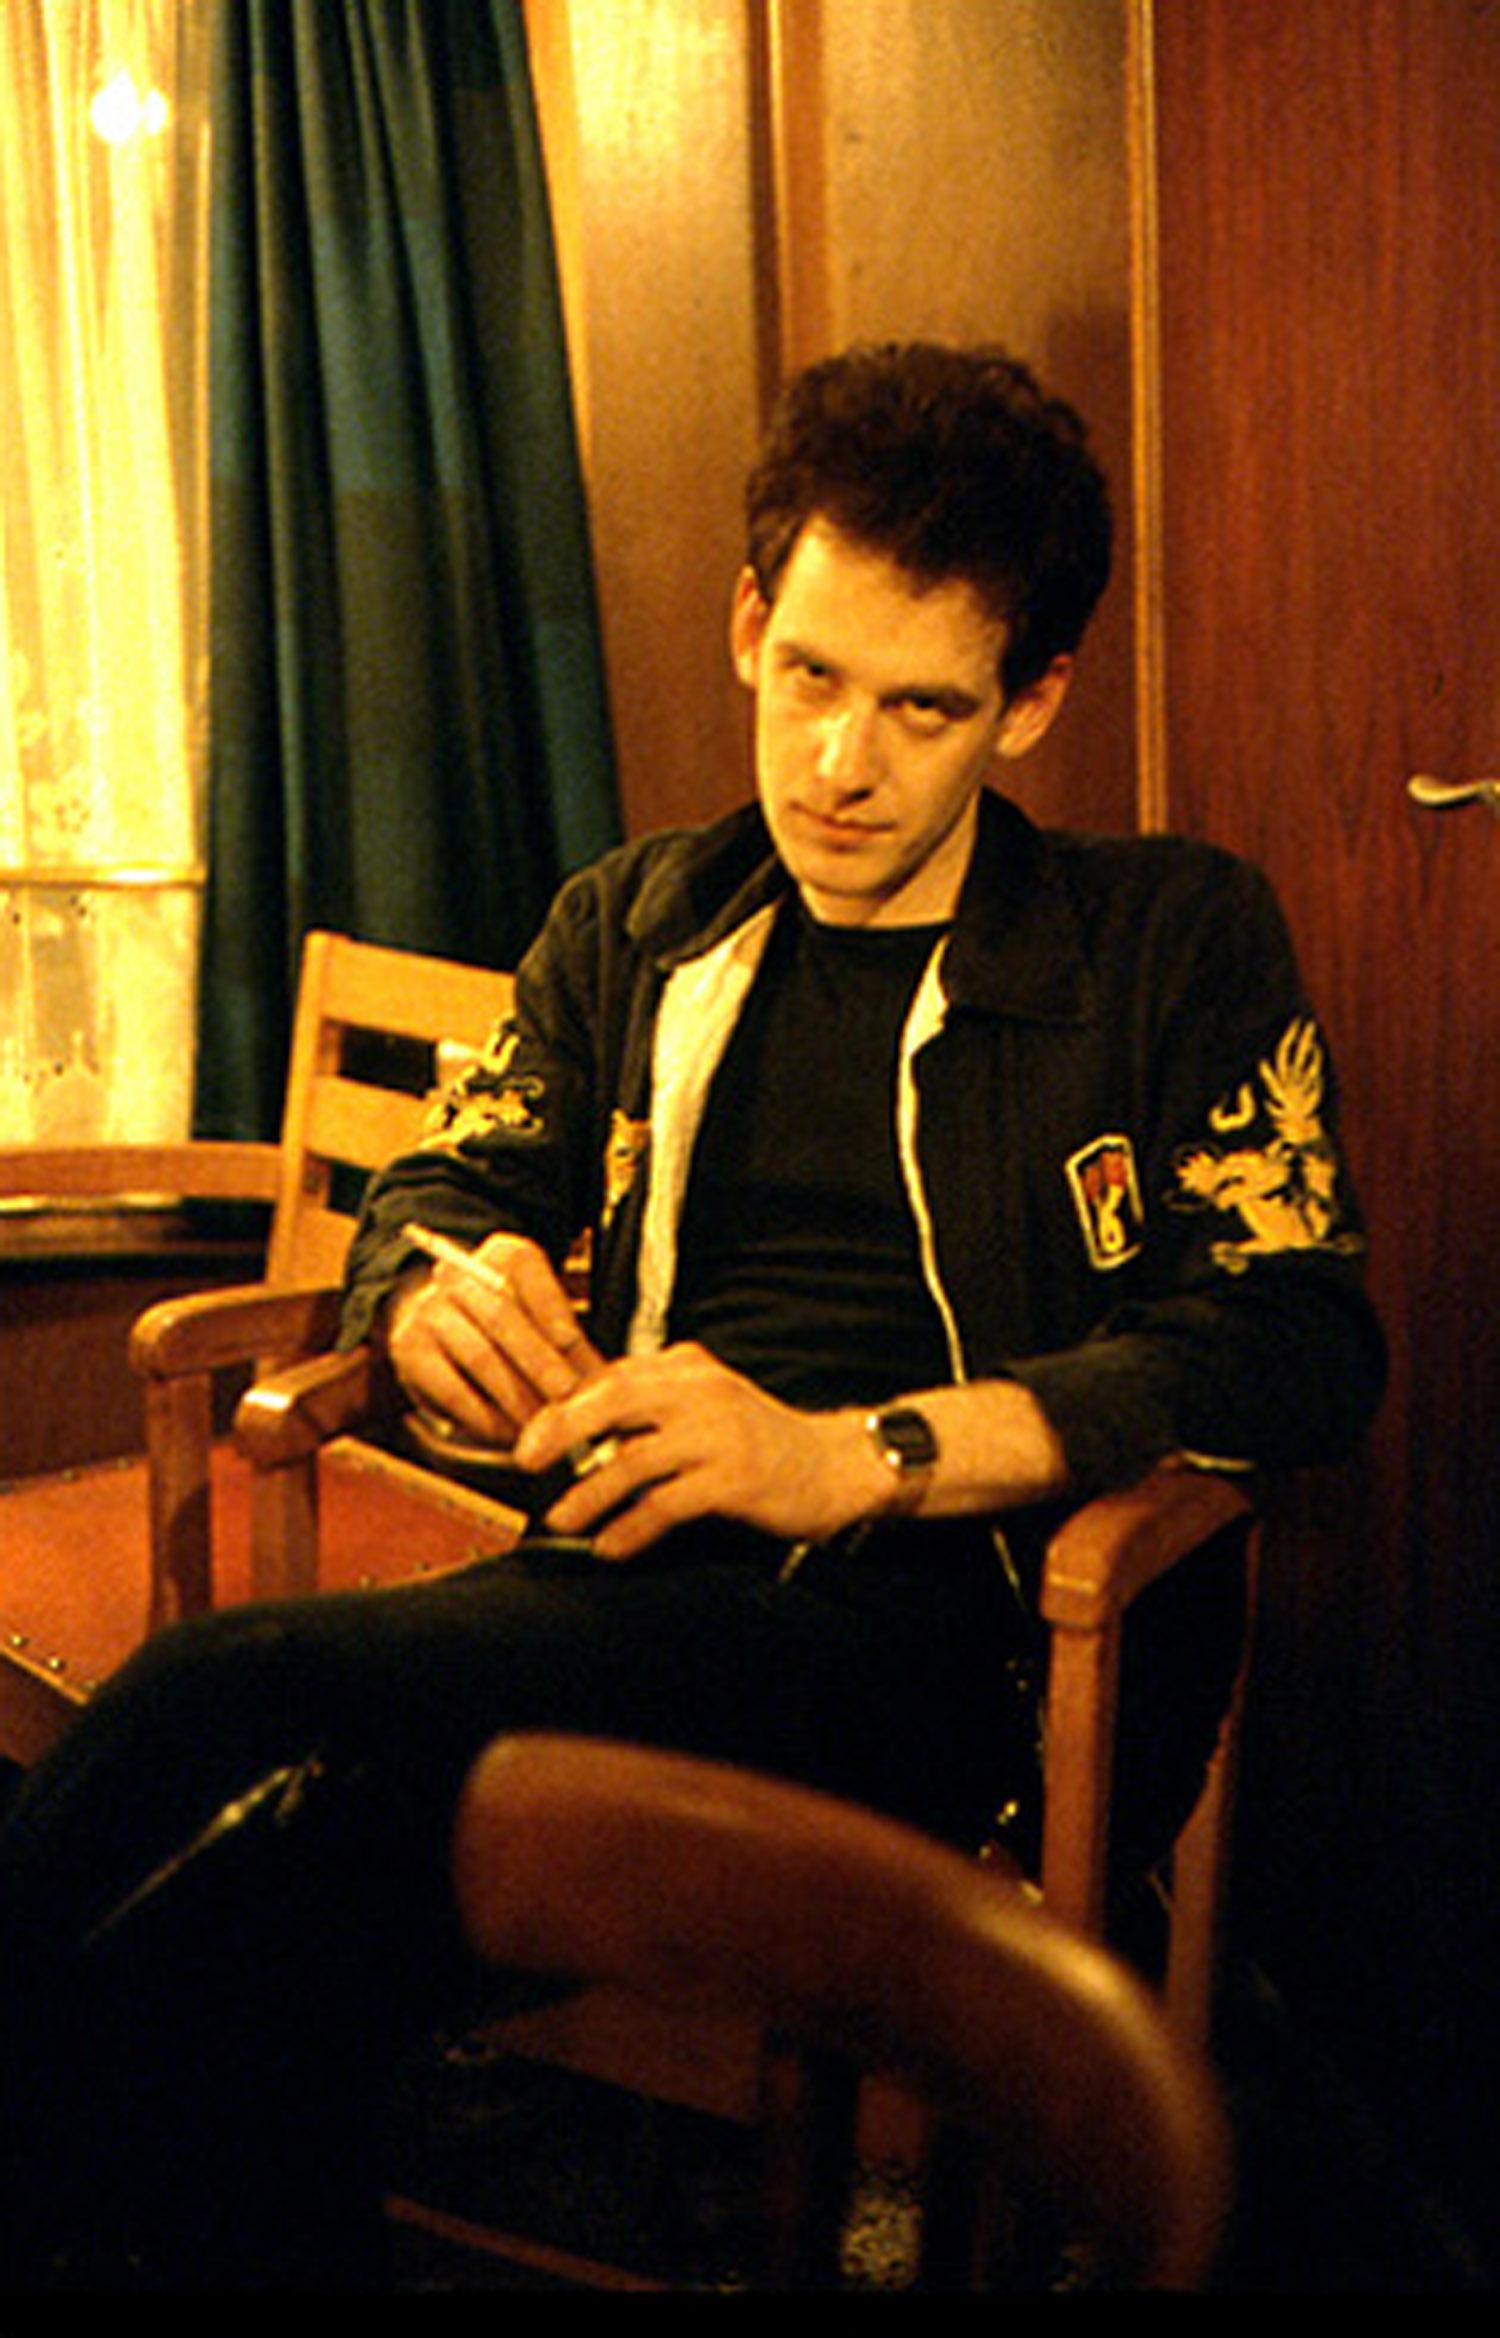 Gerard Pas, Amsterdam, 1977-78